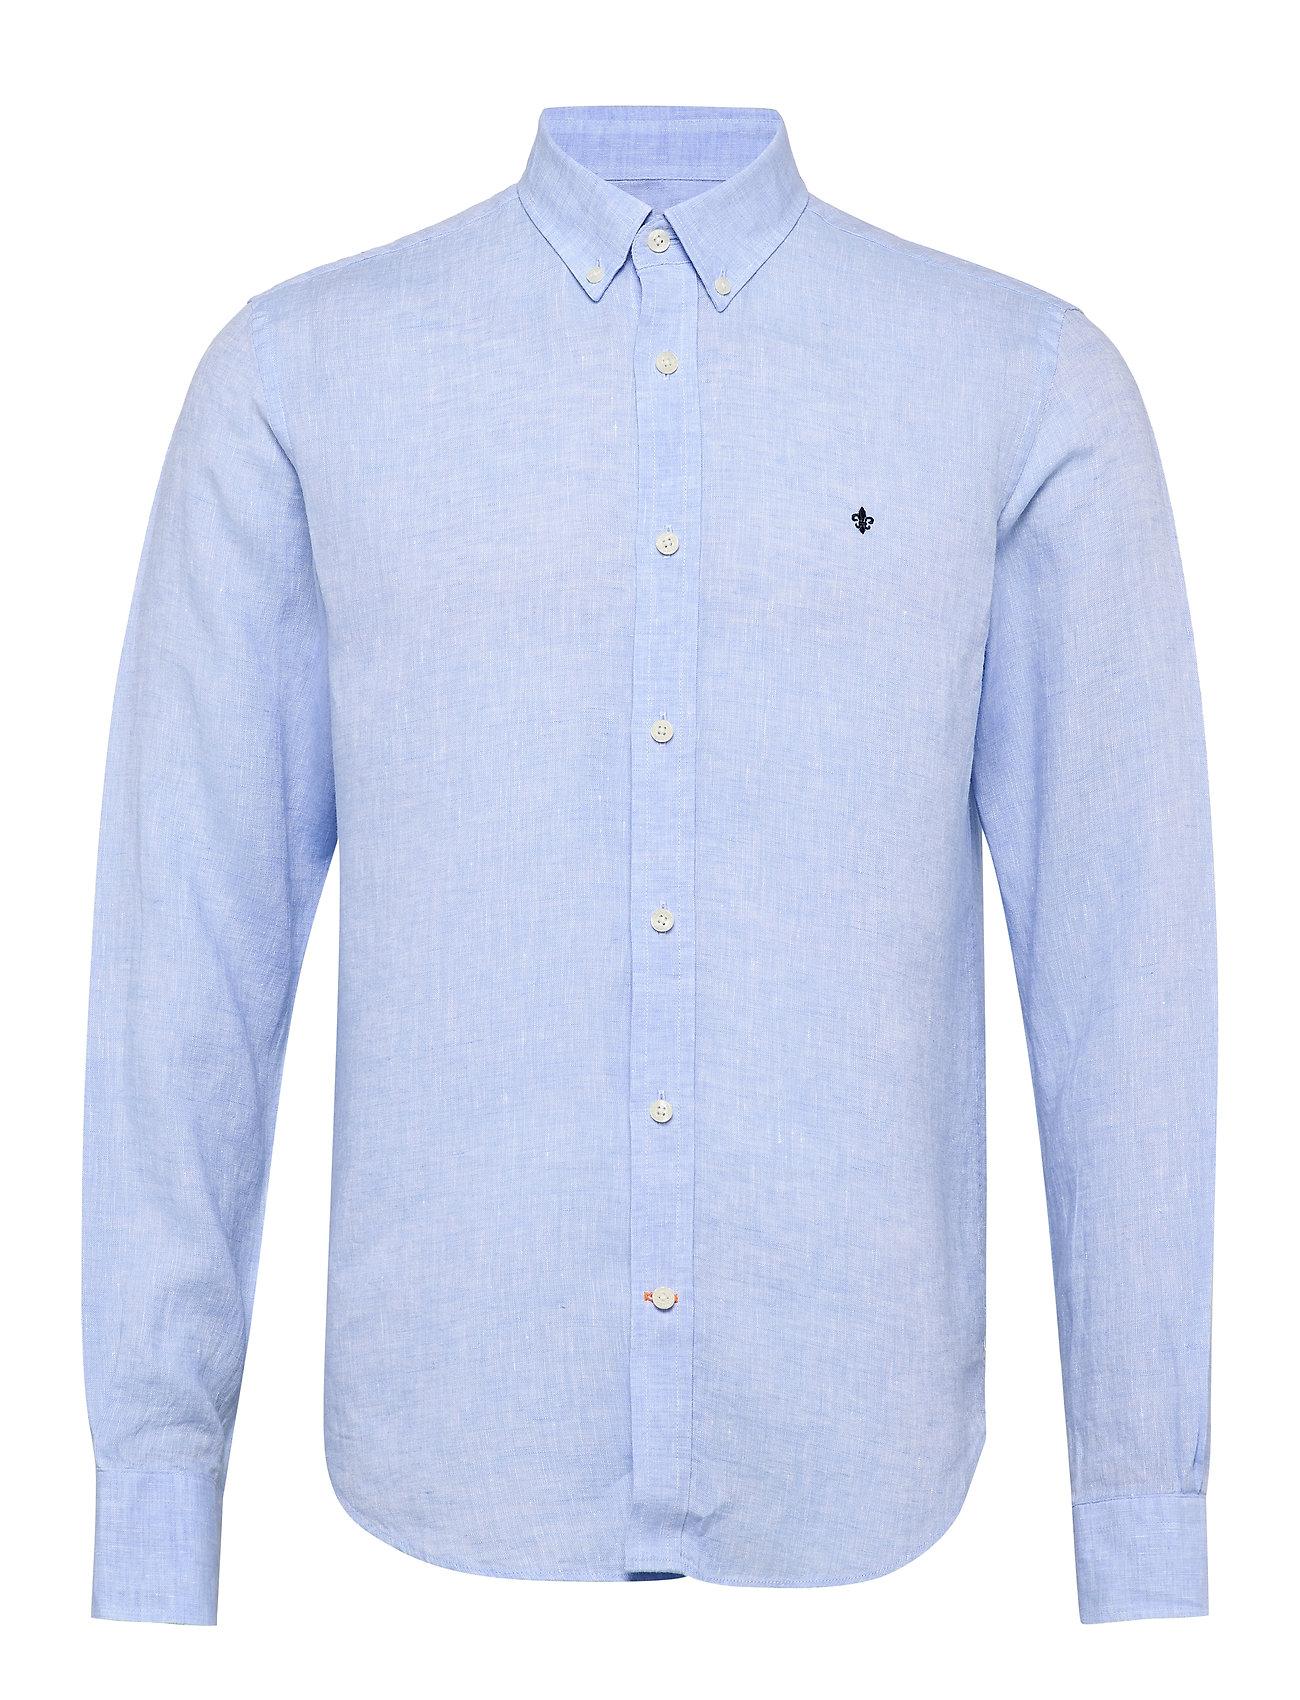 Morris Douglas Shirt - LIGHT BLUE